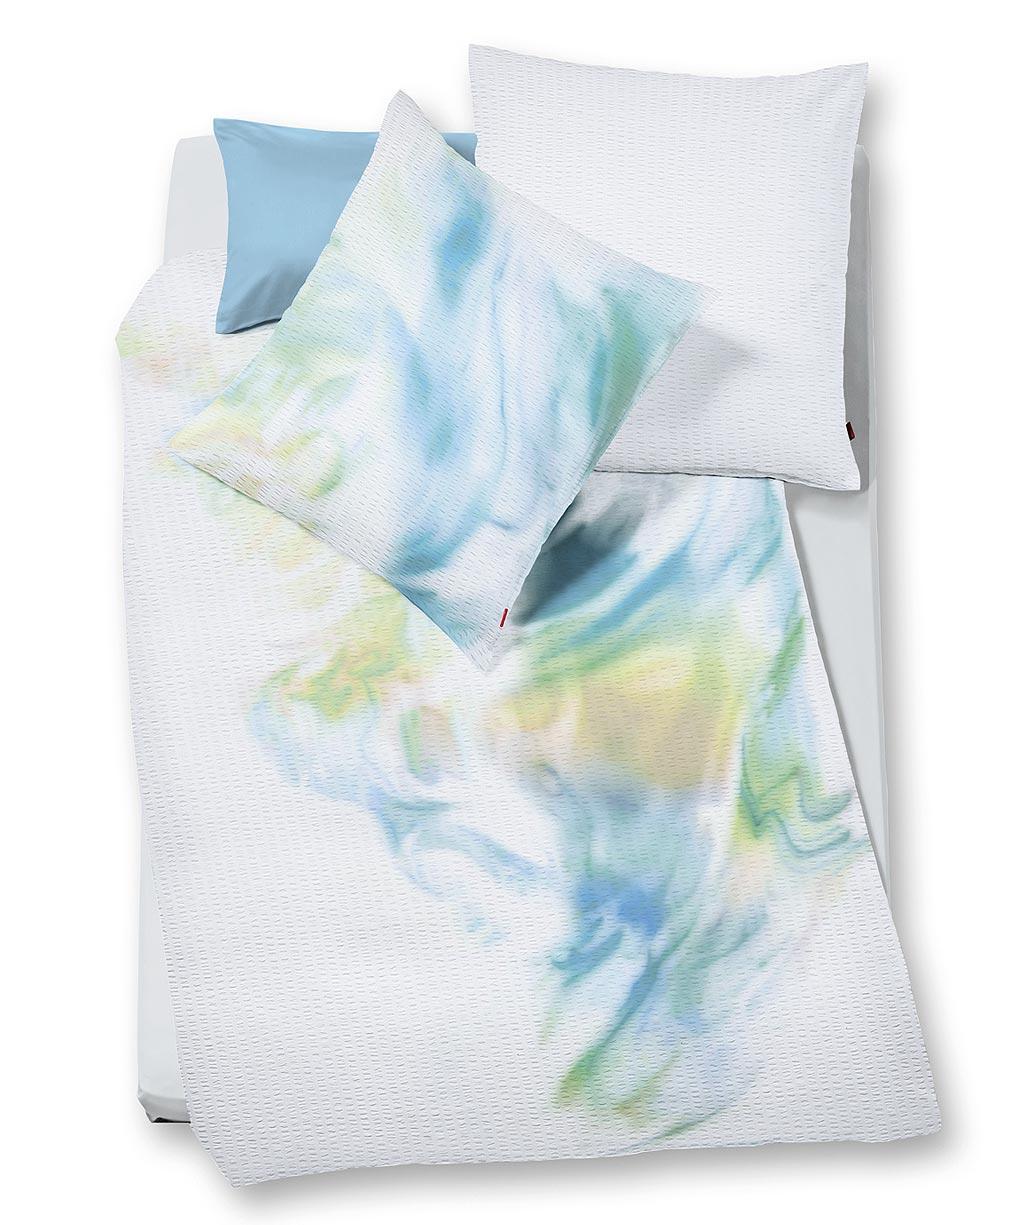 Sommerbettwäsche aus bügelfreiem Seersucker mit Grafikmuster